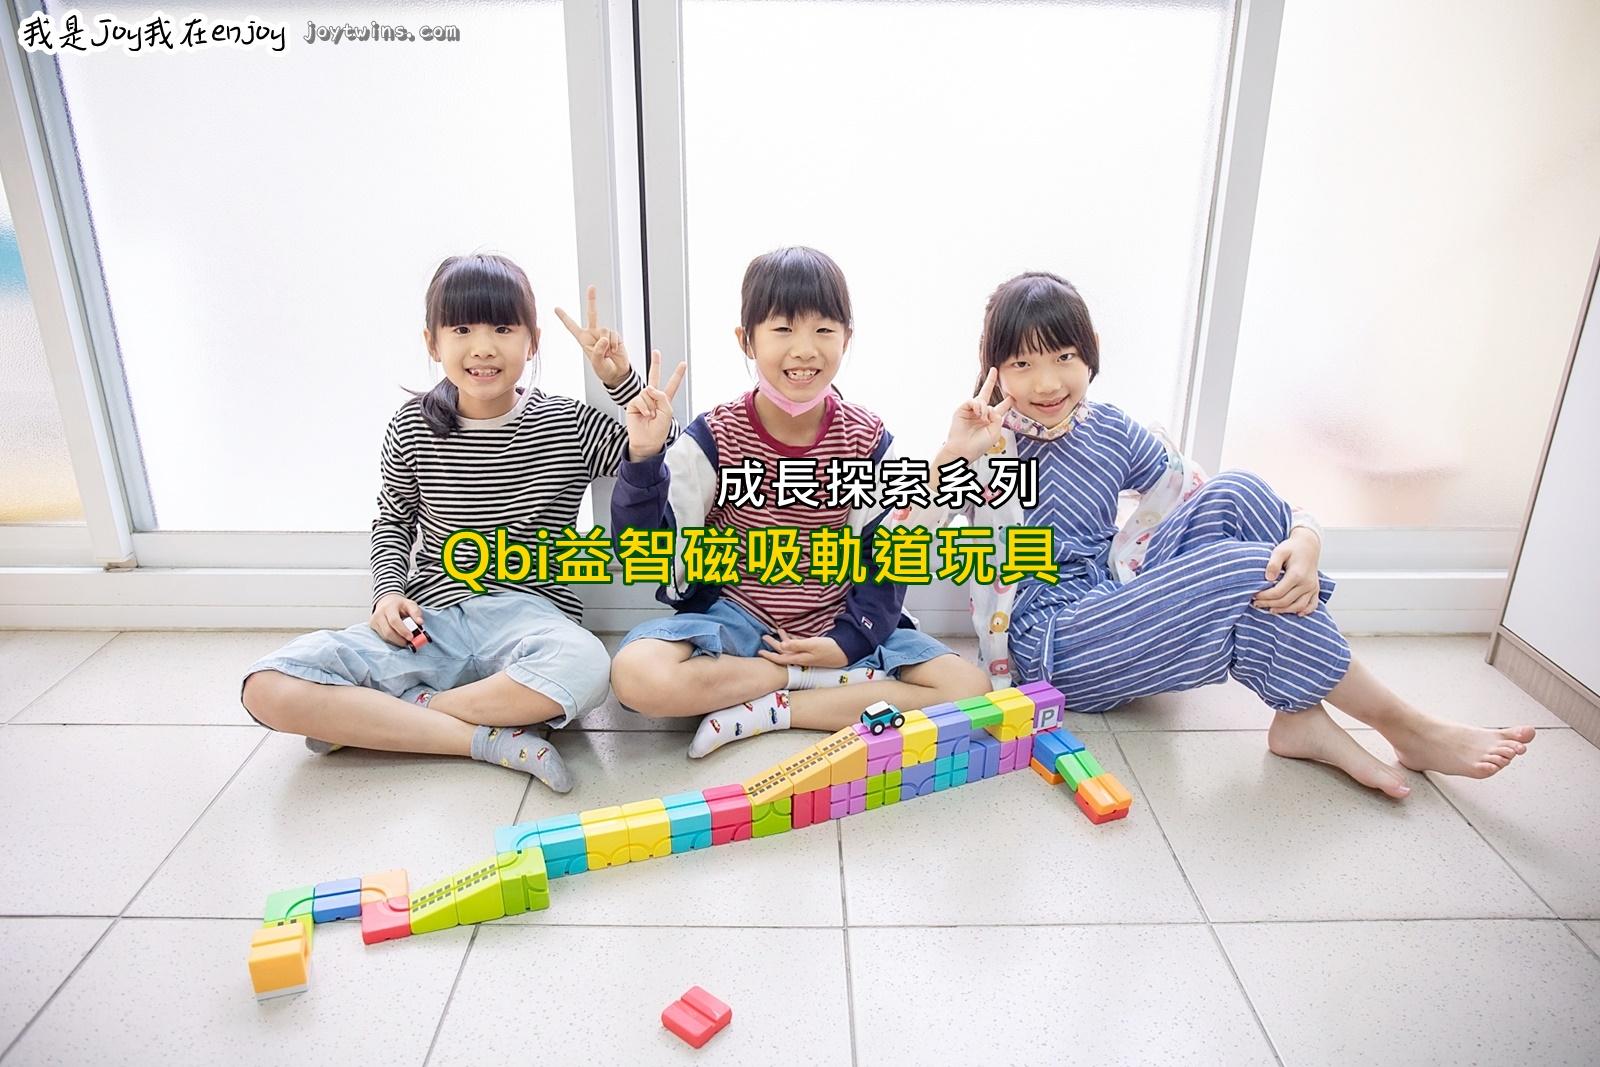 【玩具開箱】Qbi益智磁吸軌道玩具 新品 成長探索系列 無限創意無限歡樂!